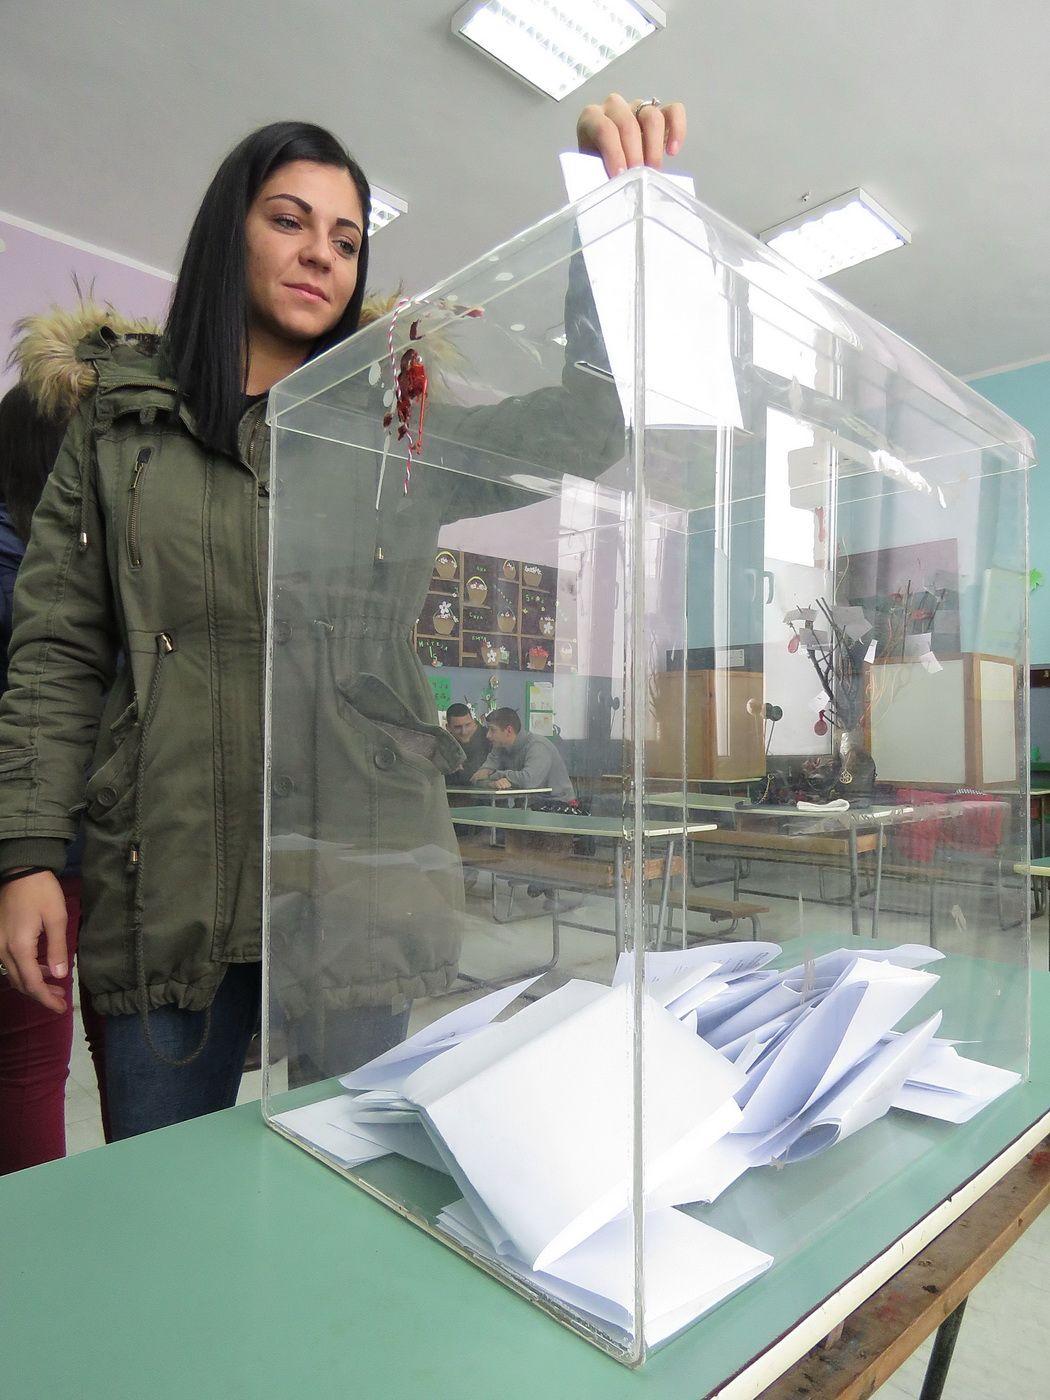 Шабац, једини град у Србији У коме се питају грађани